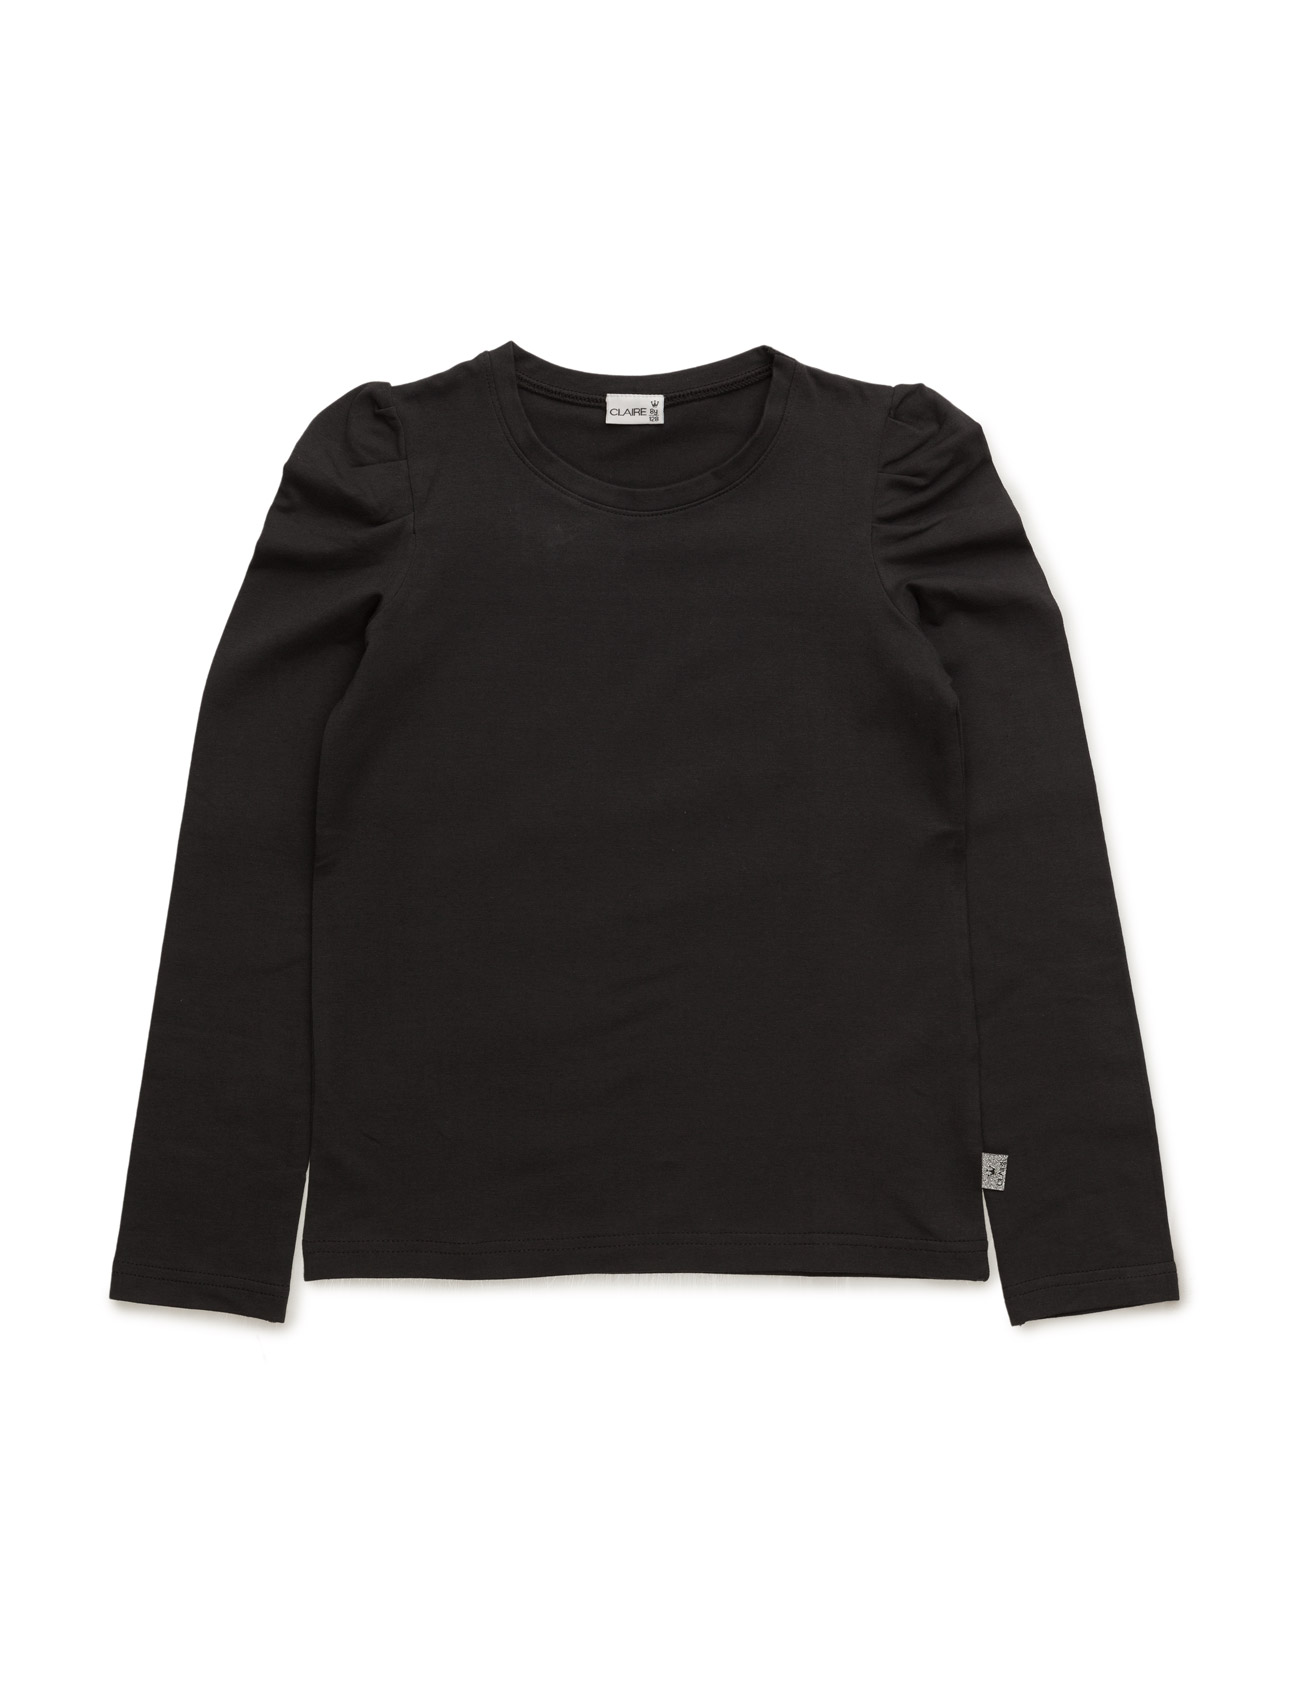 T-Shirt Hust & Claire Langærmede t-shirts til Børn i